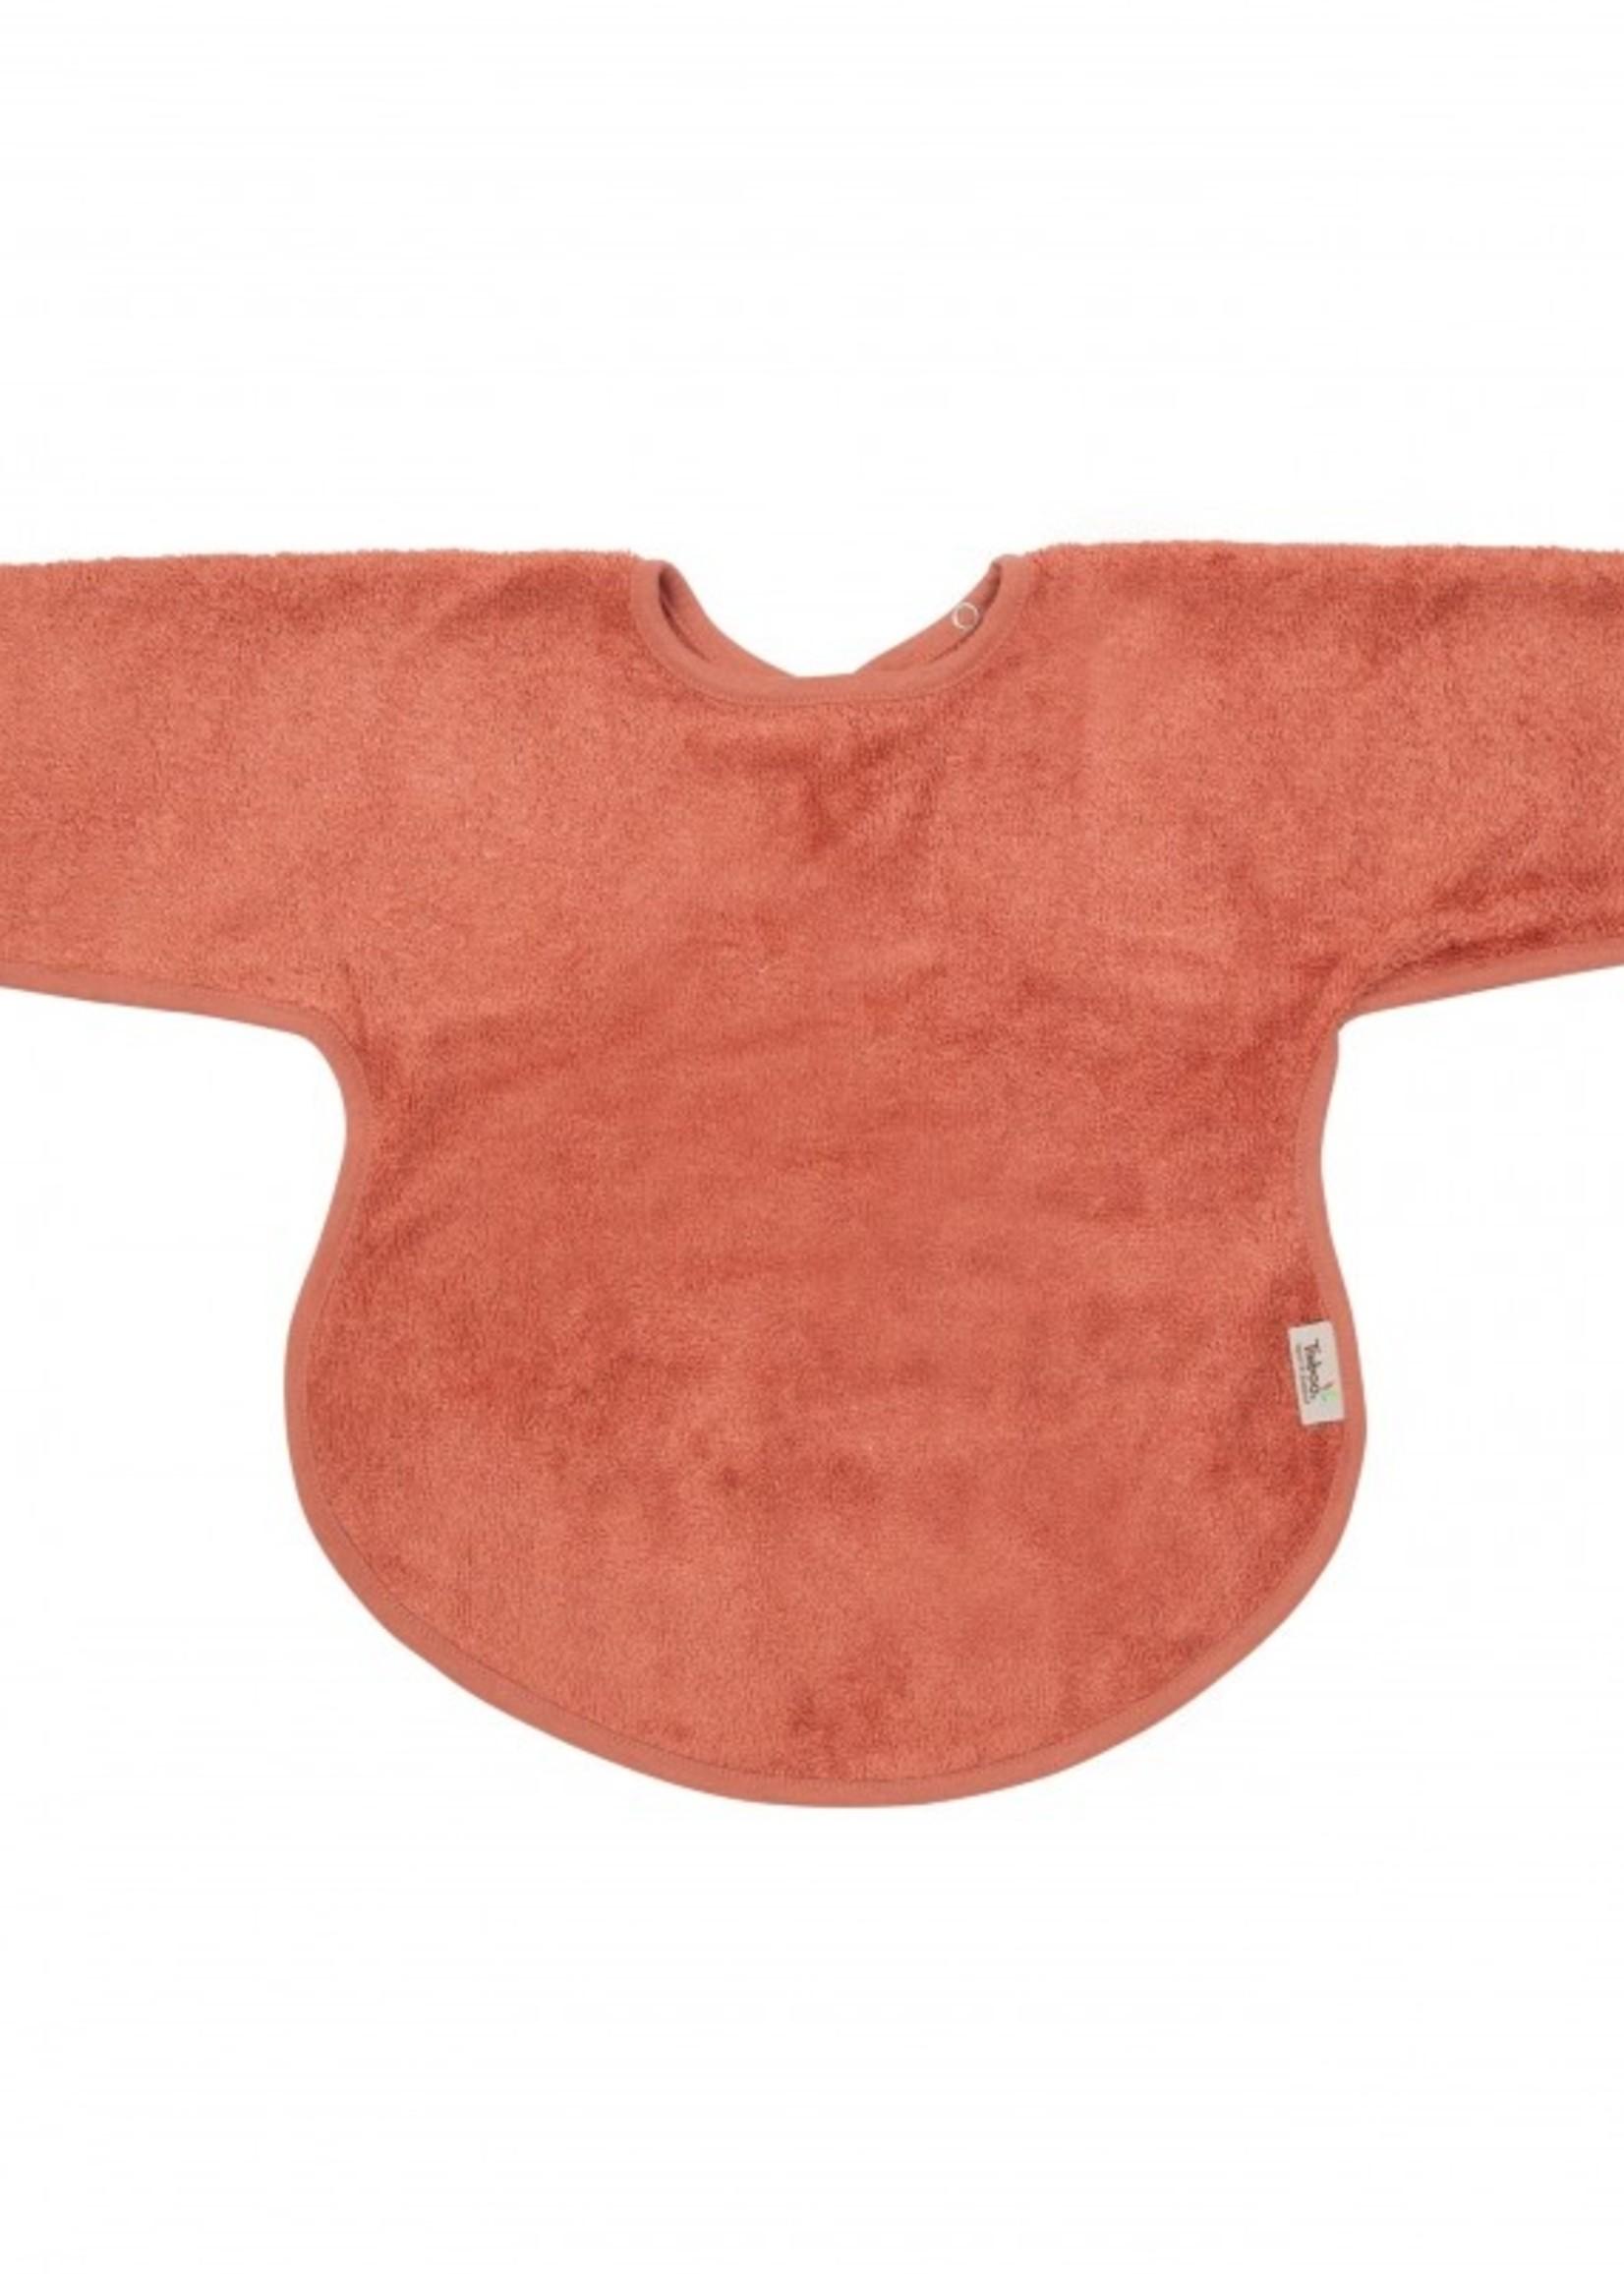 Timboo Bib Long Sleeve - Apricot Blush